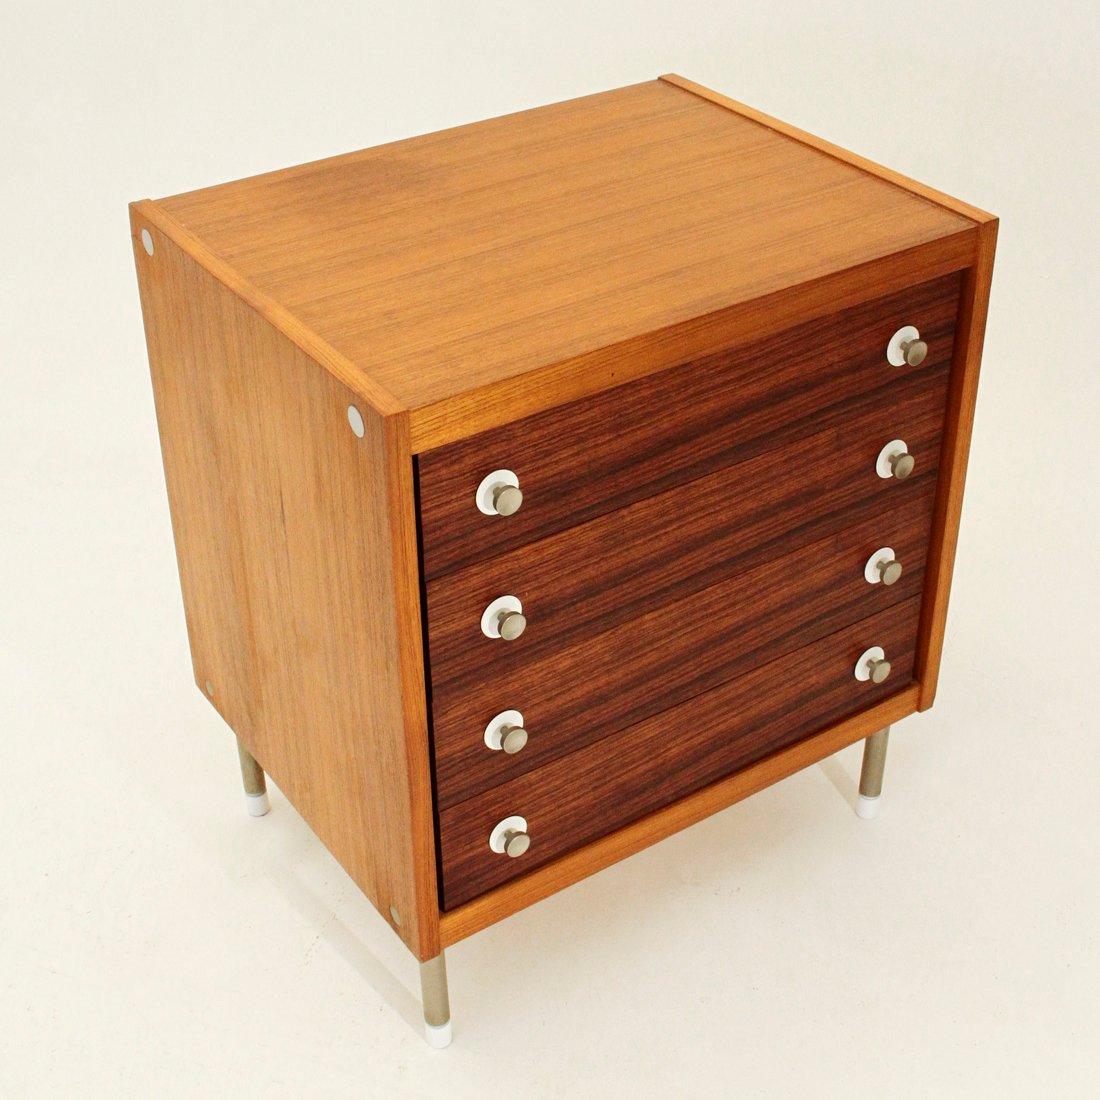 kommode mit vier schubladen 1960er bei pamono kaufen. Black Bedroom Furniture Sets. Home Design Ideas